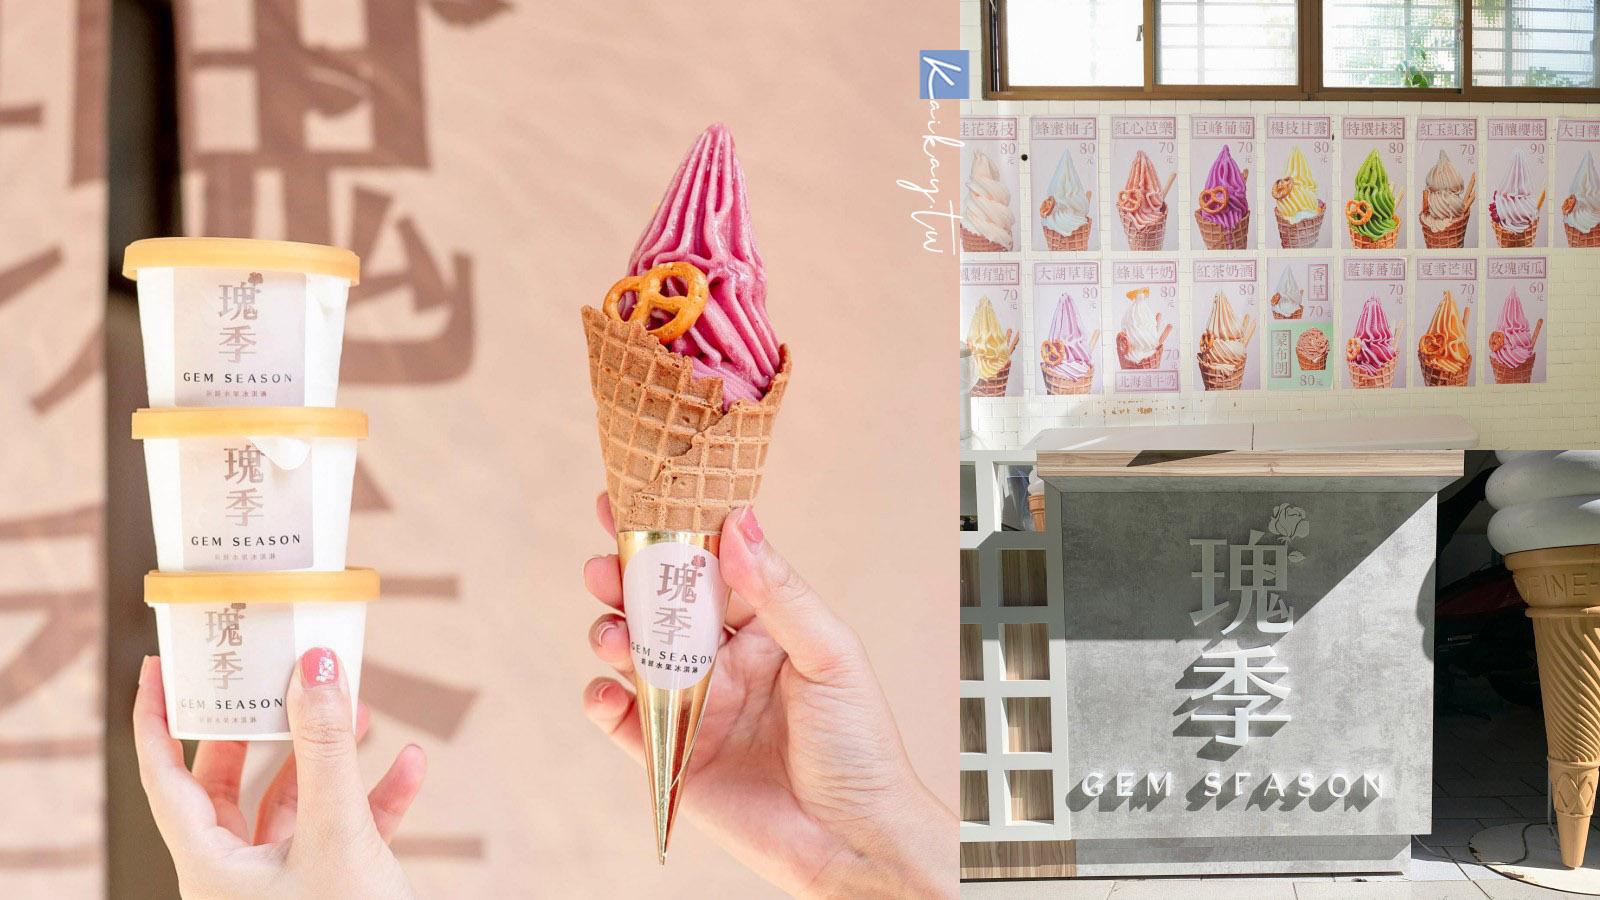 延伸閱讀:☆【新北|府中站】瑰季手工霜淇淋。板橋人不會告訴你的超好吃新鮮水果霜淇淋